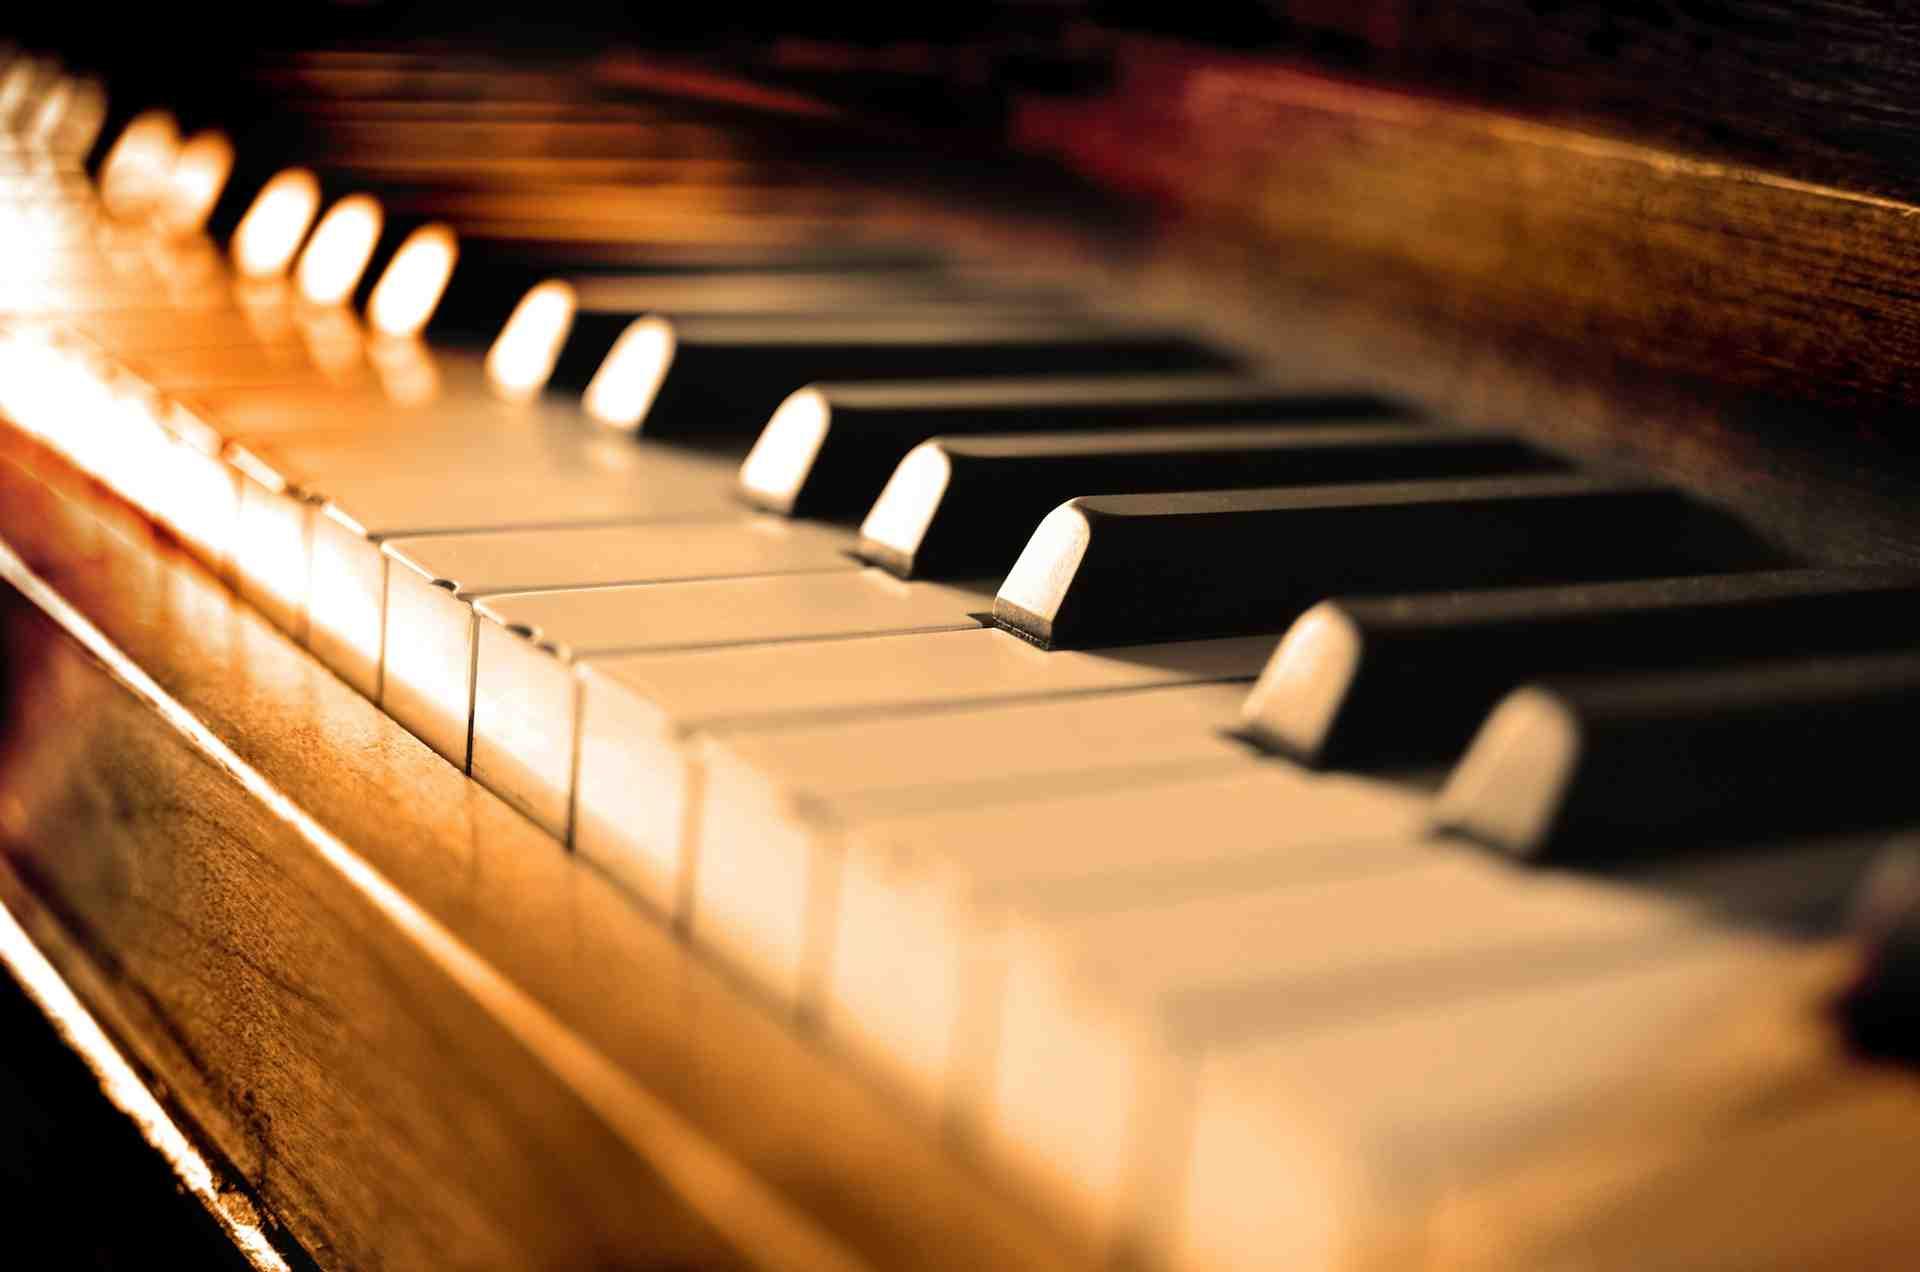 INSCRIÇÕES: Musicalização infantil e história da música no Ocidente são temas de cursos oferecidos pelo Conservatório